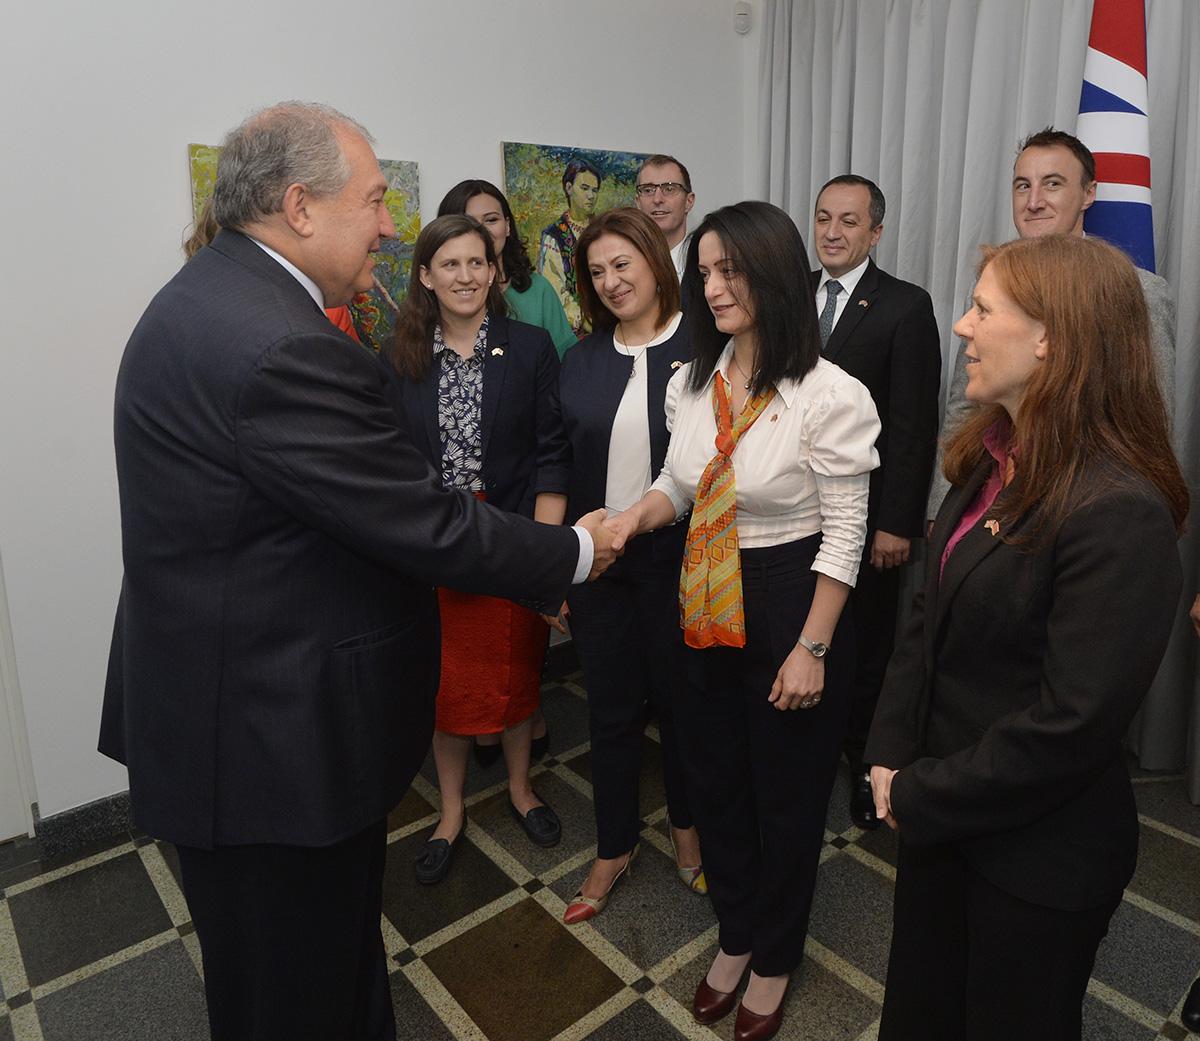 Նախագահ Արմեն Սարգսյանը տիկնոջ հետ այցելել է ՀՀ-ում Միացյալ Թագավորության դեսպանի կեցավայր